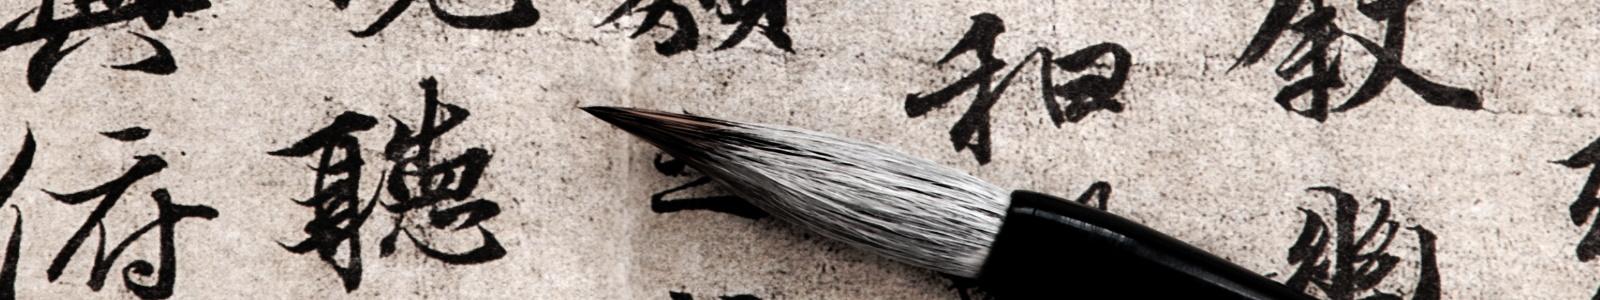 Shijuan Wang